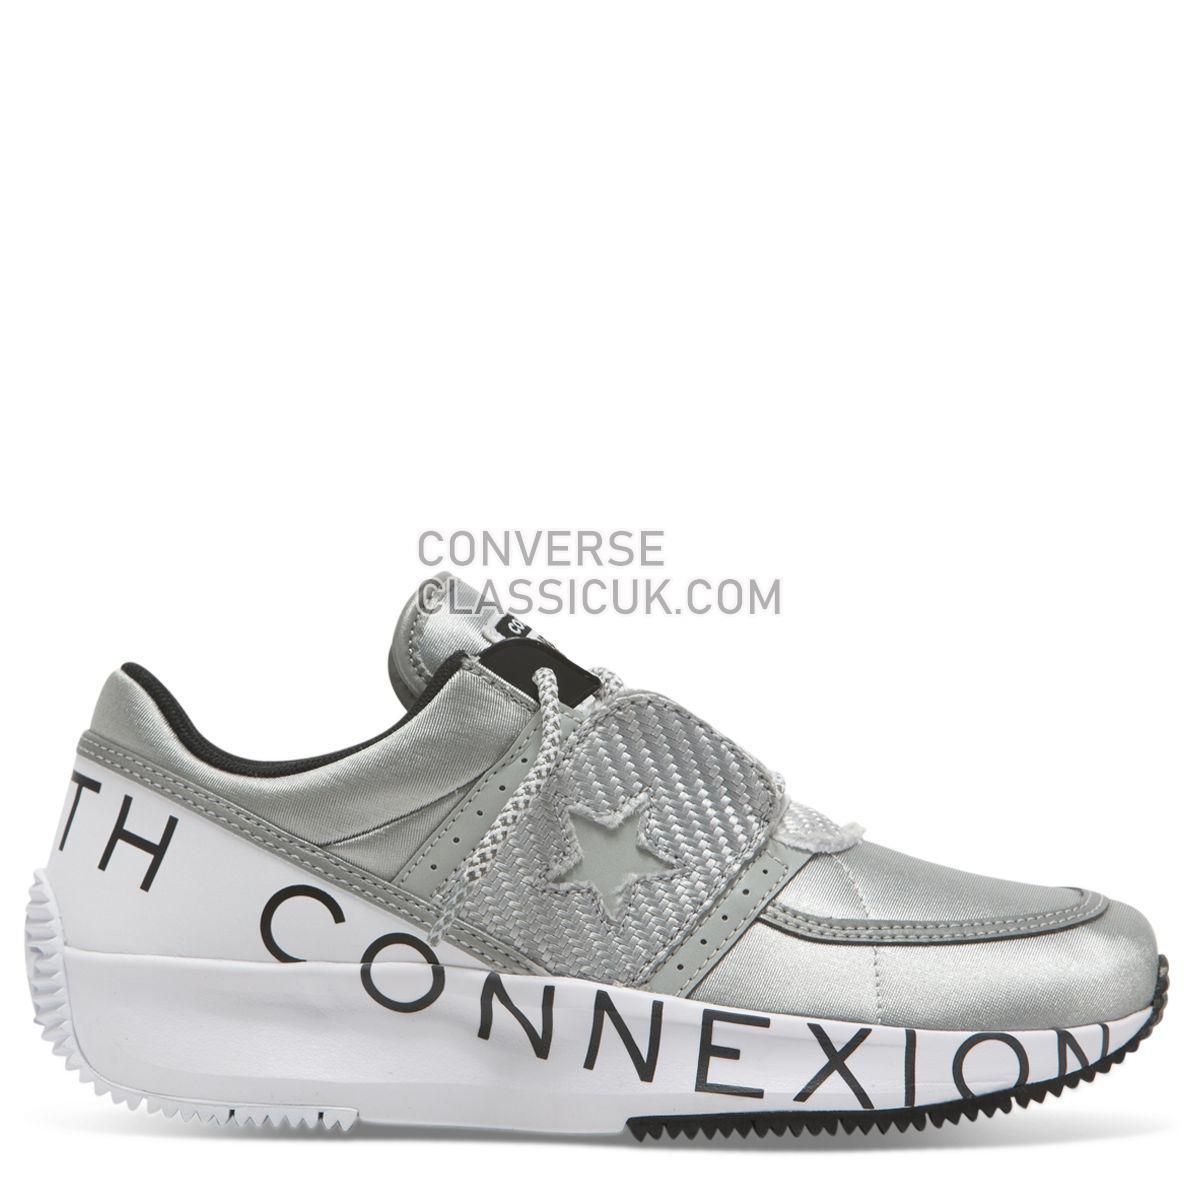 Converse X Faith Connexion Run Star Low Top Harbour Mist Womens 565537 Harbour Mist/Black Shoes